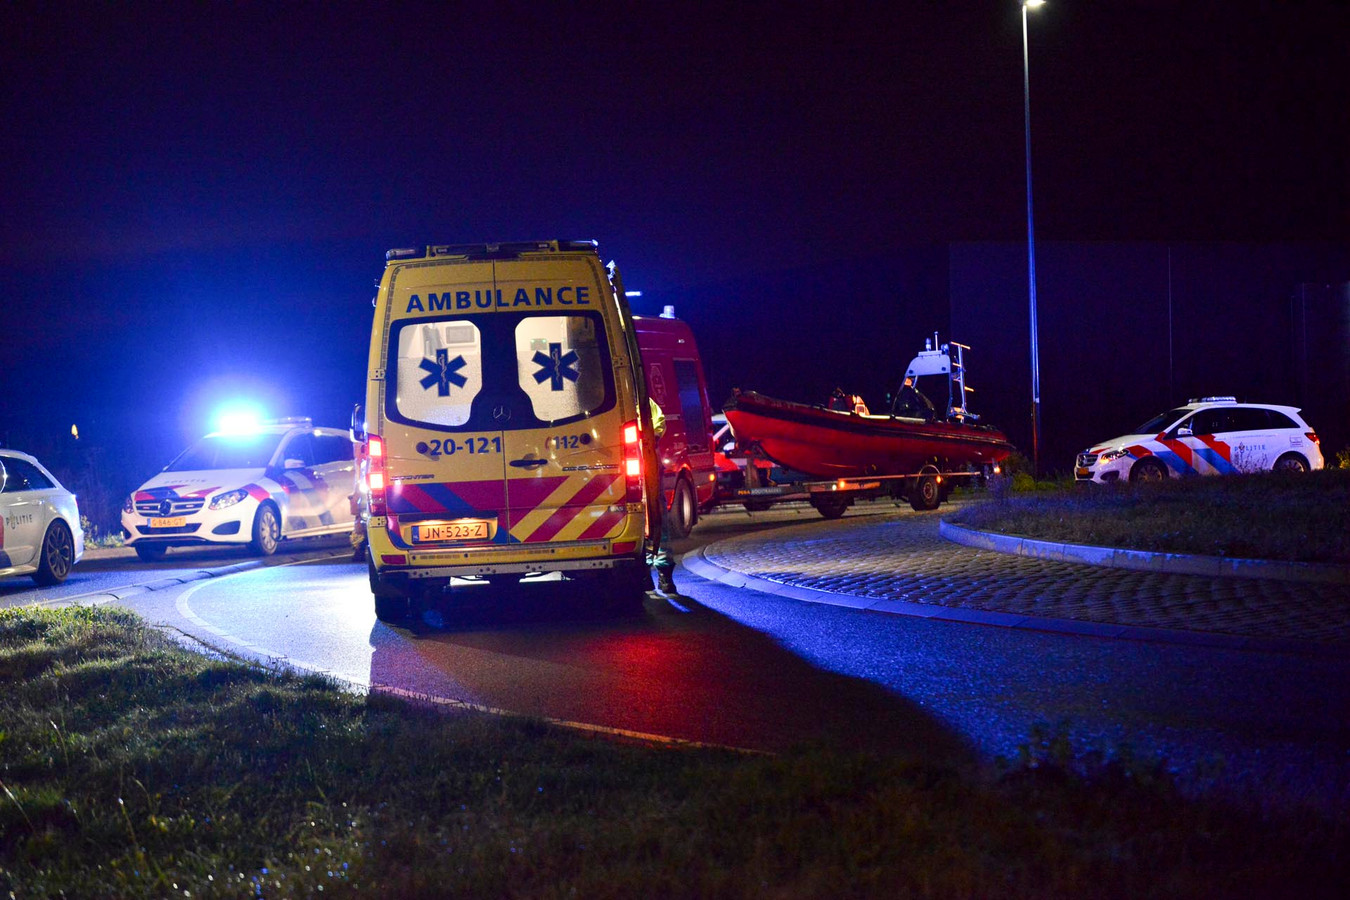 Er stonden twee ambulances, uit voorzorg, klaar.